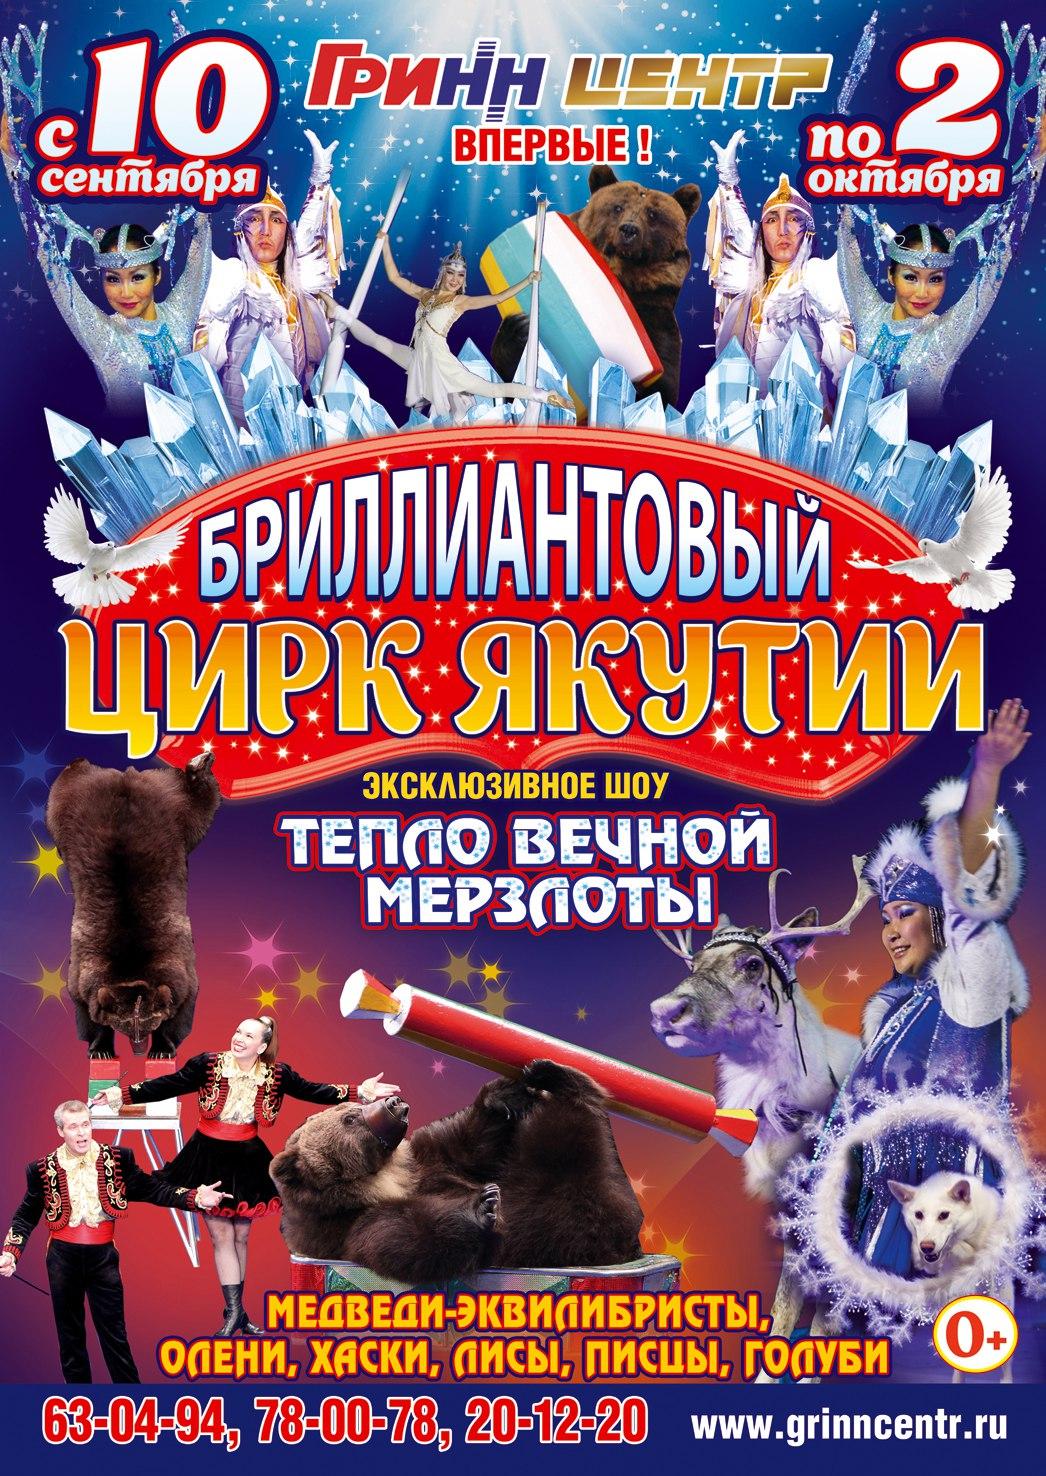 Бриллиантовый цирк Якутии «Тепло вечной мерзлоты»